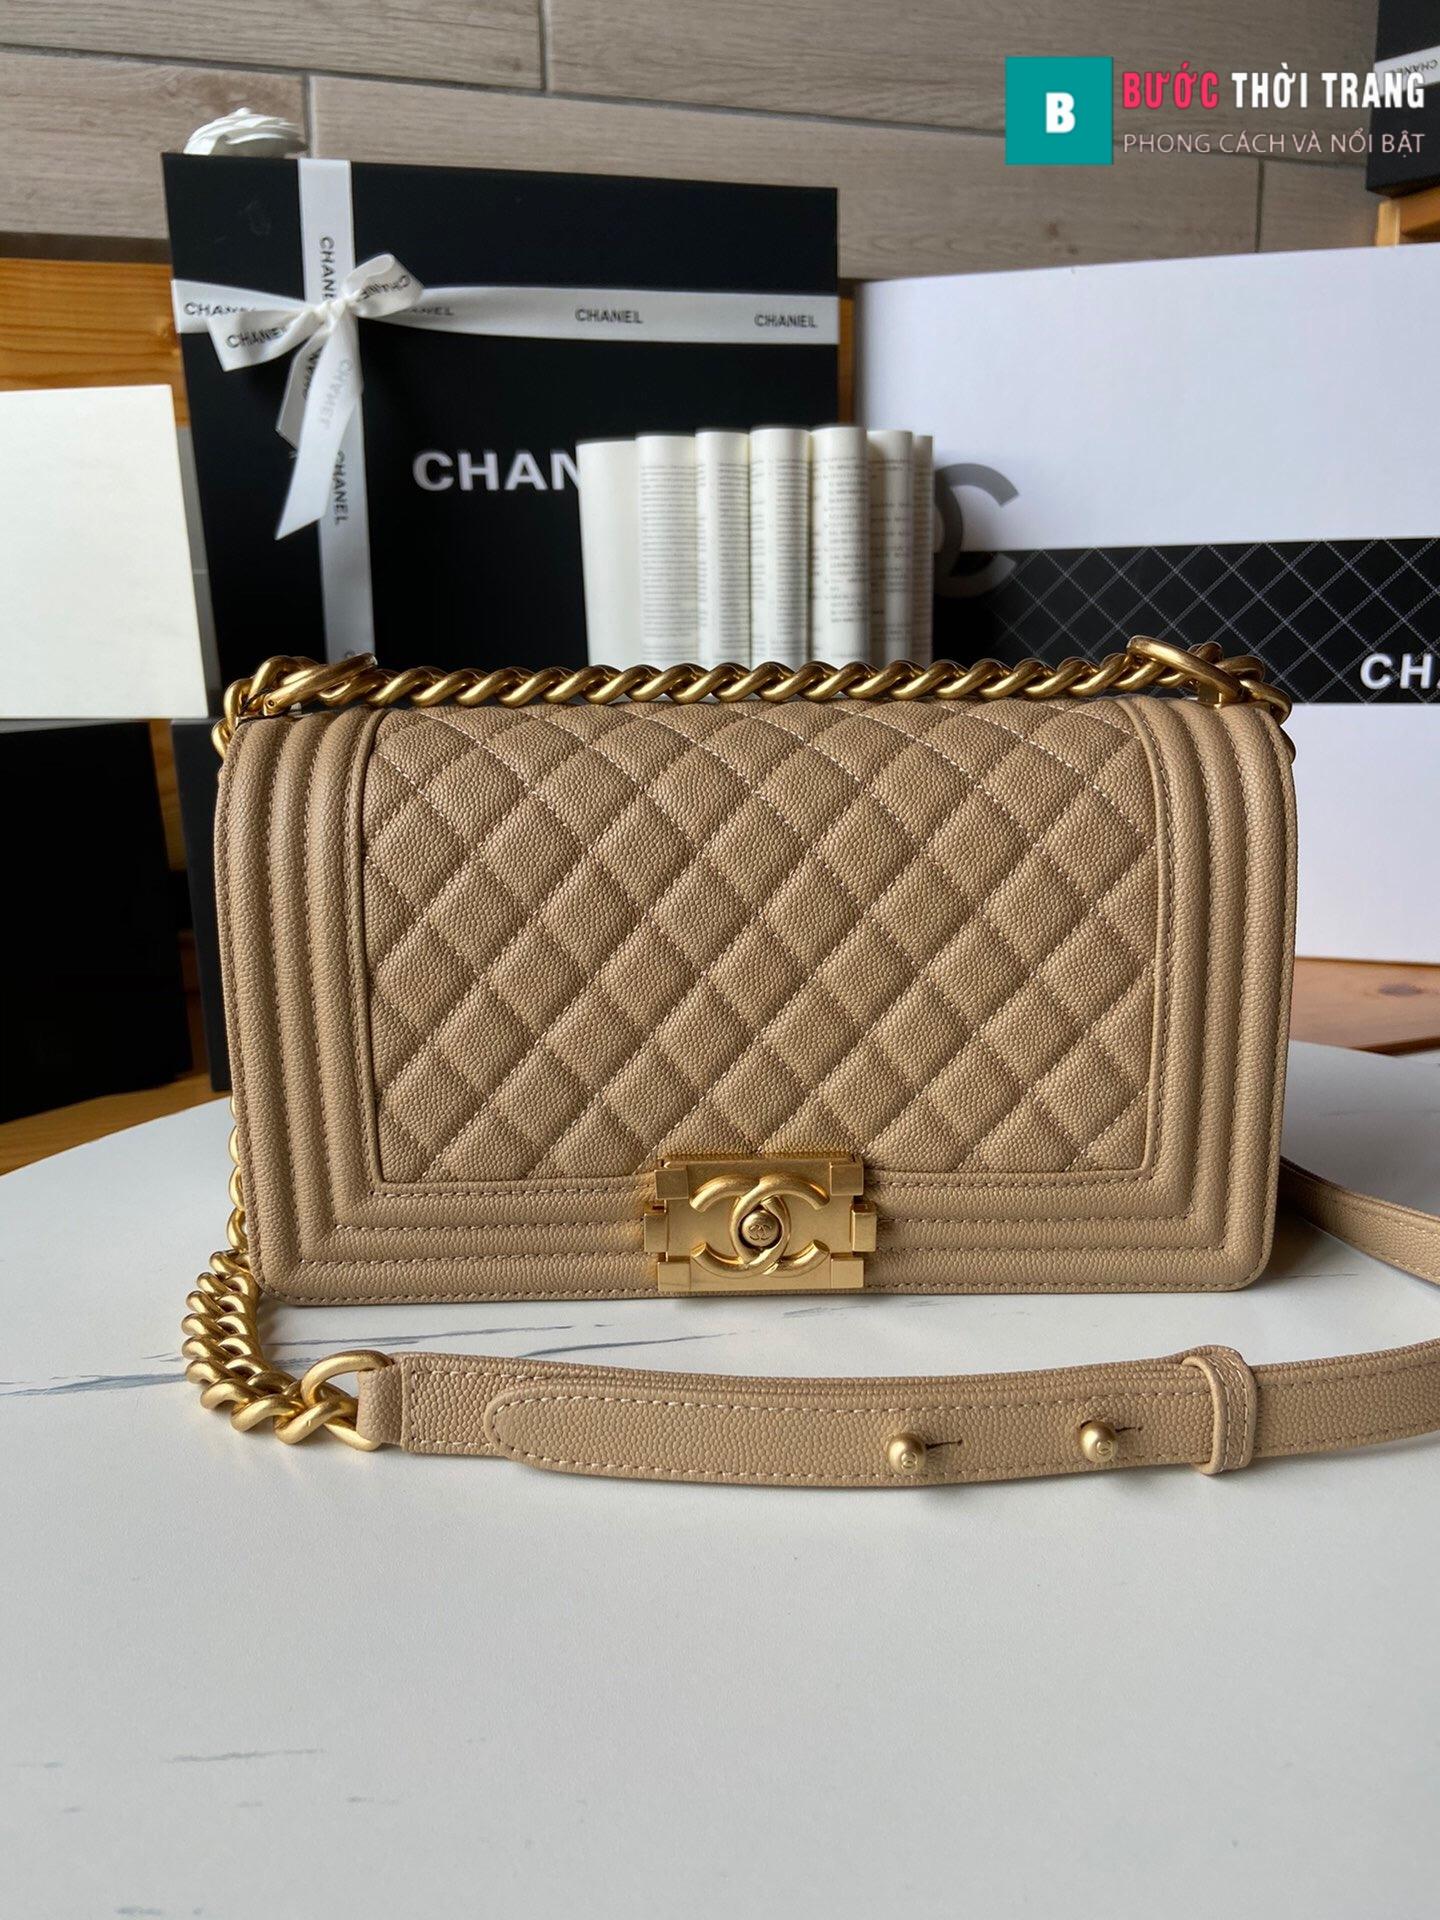 Túi xách Chanel boy siêu cấp – A67086 (28)